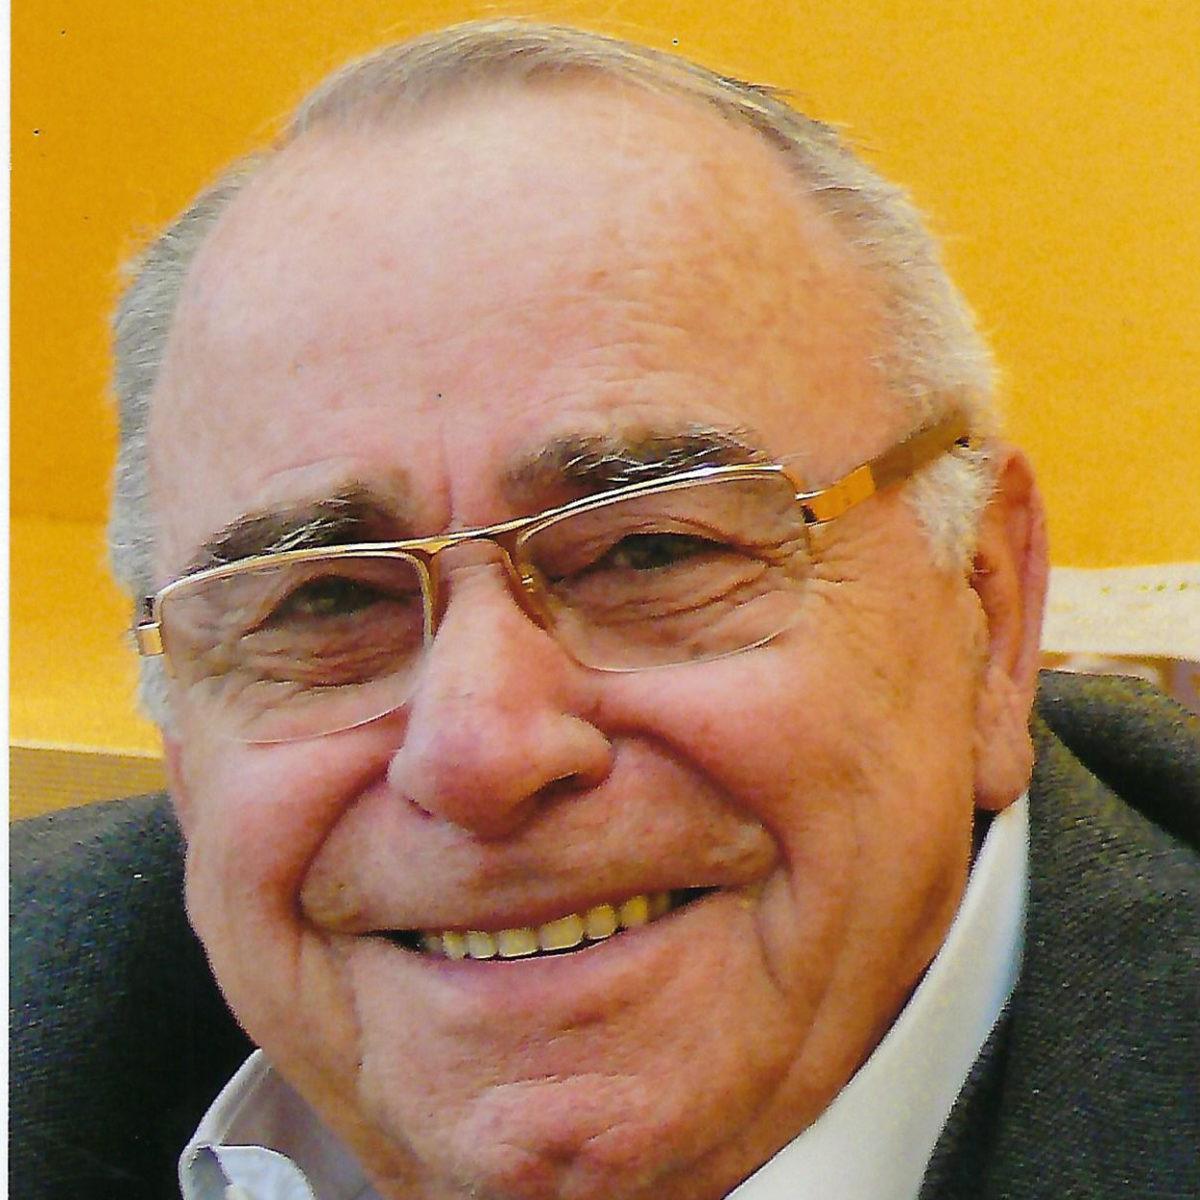 Πέθανε ο ιδρυτής της γνωστής αλυσίδας παιχνιδιών, Γιώργος Μουστάκας | tlife.gr